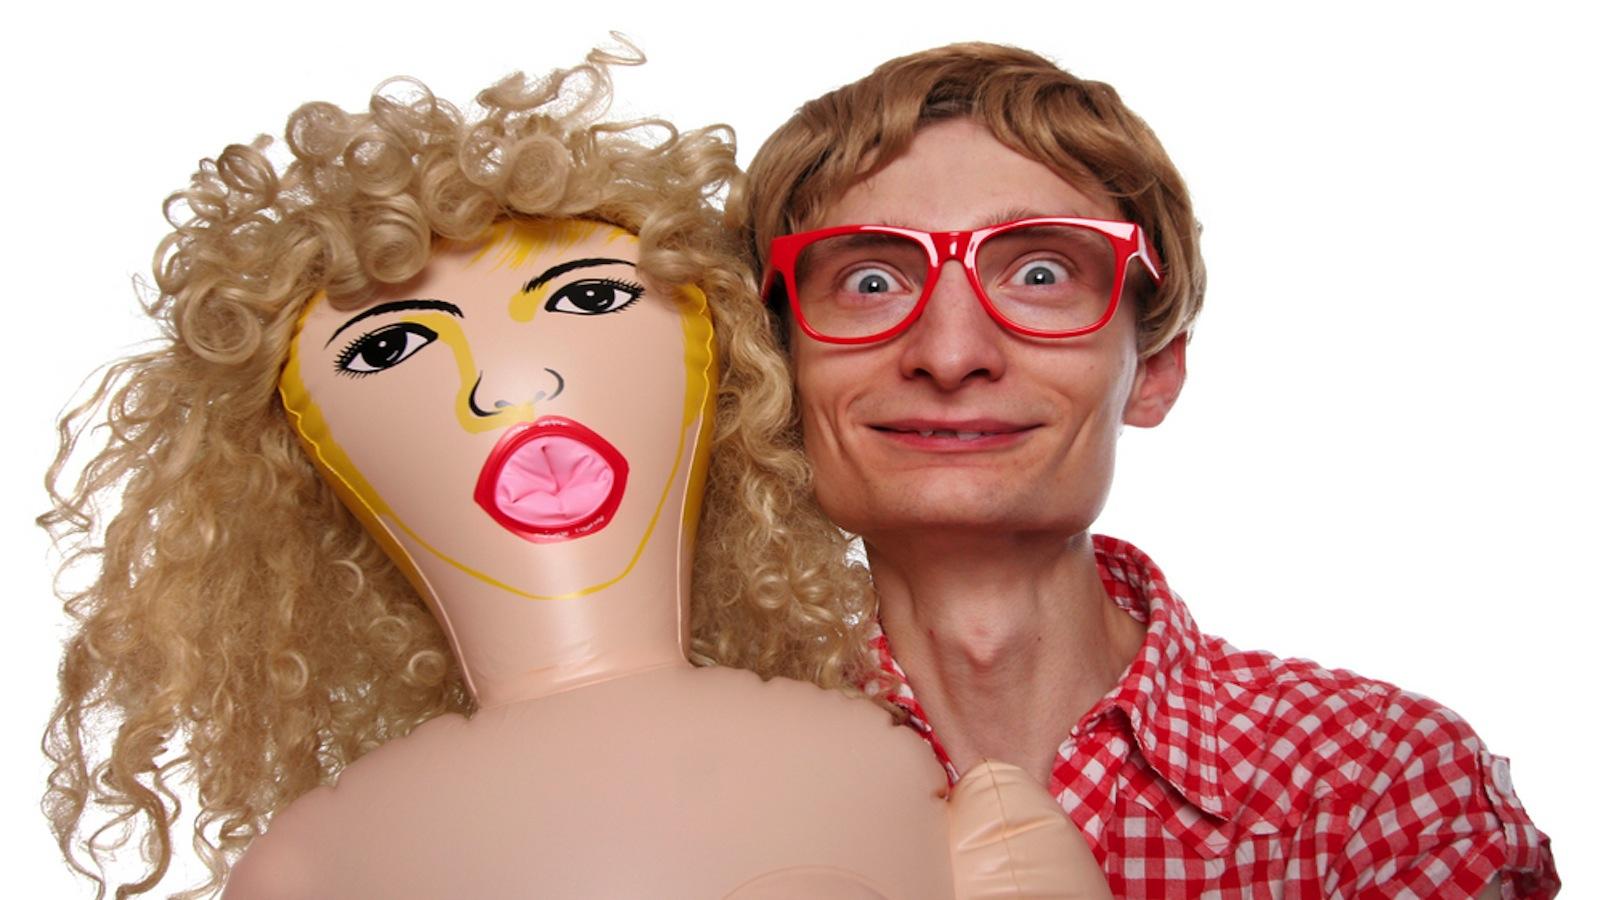 Трахает куклу смотреть онлайн 8 фотография